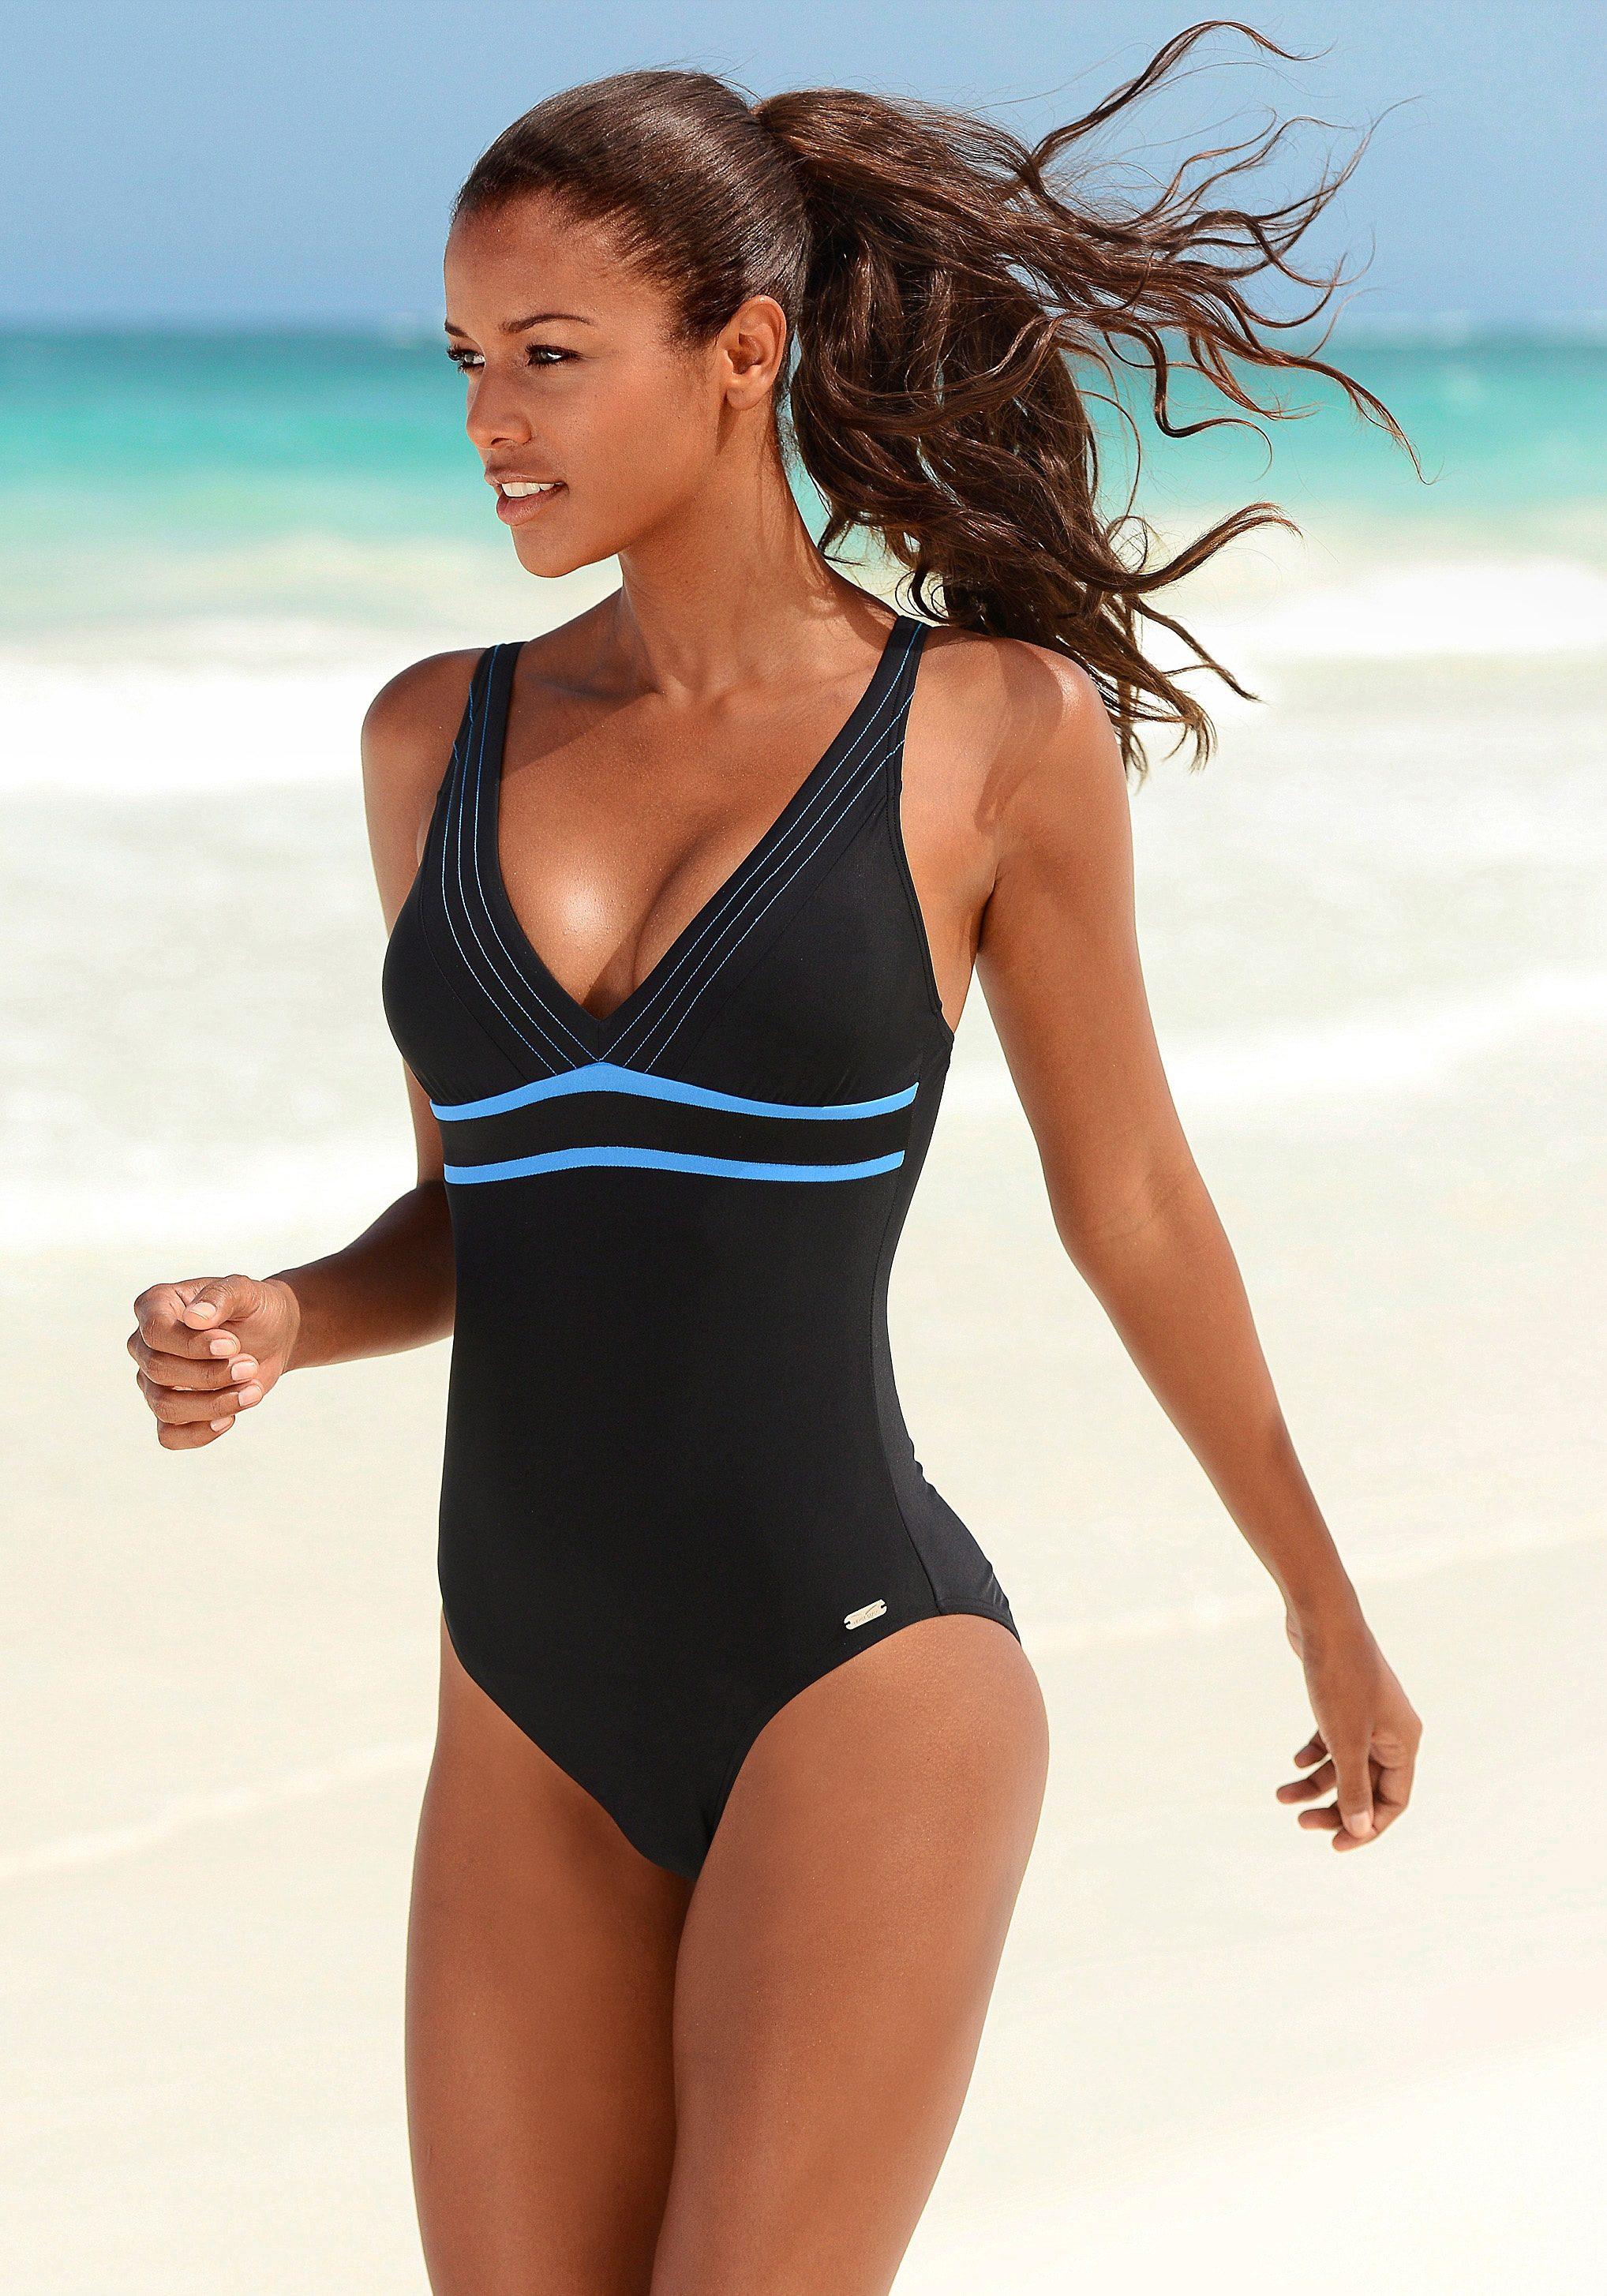 Venice Beach Badeanzug im sportlichen Design